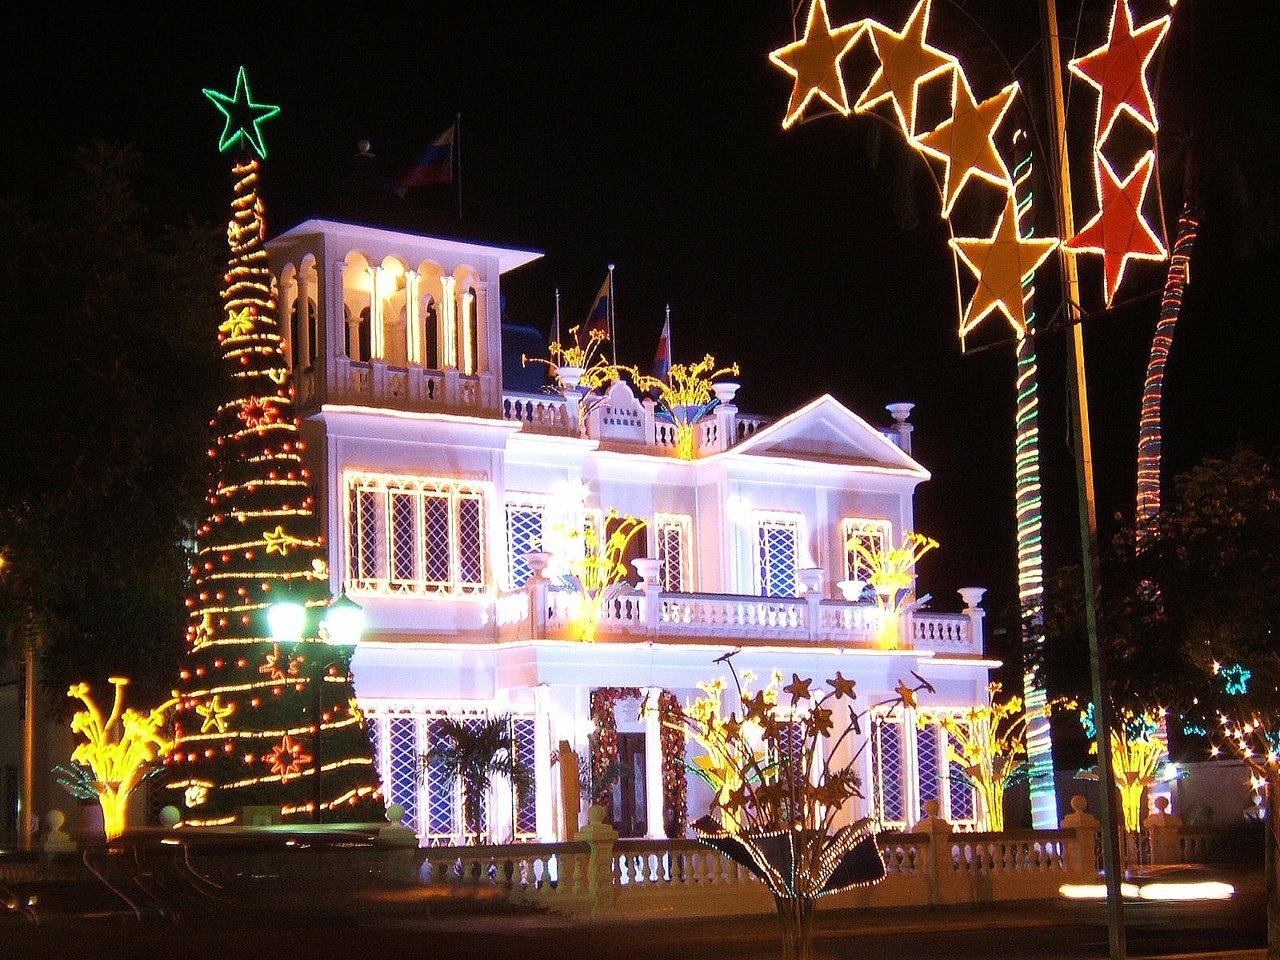 Manualidades e ideas para navidad manualidades crafts e for Casas decoradas en navidad